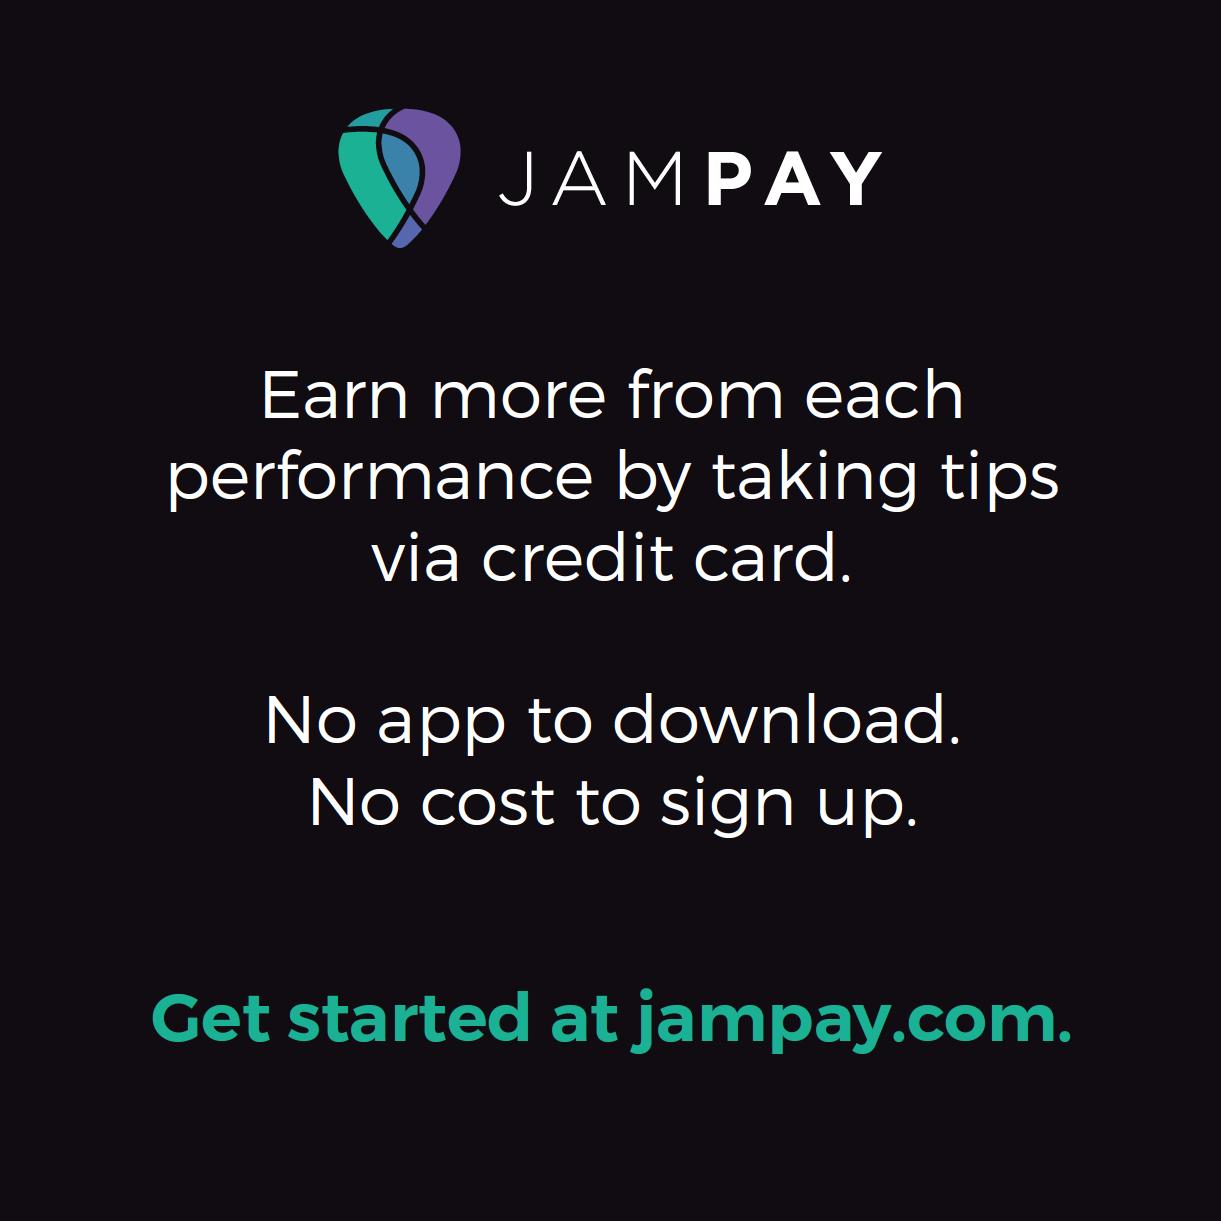 jampay handbill back